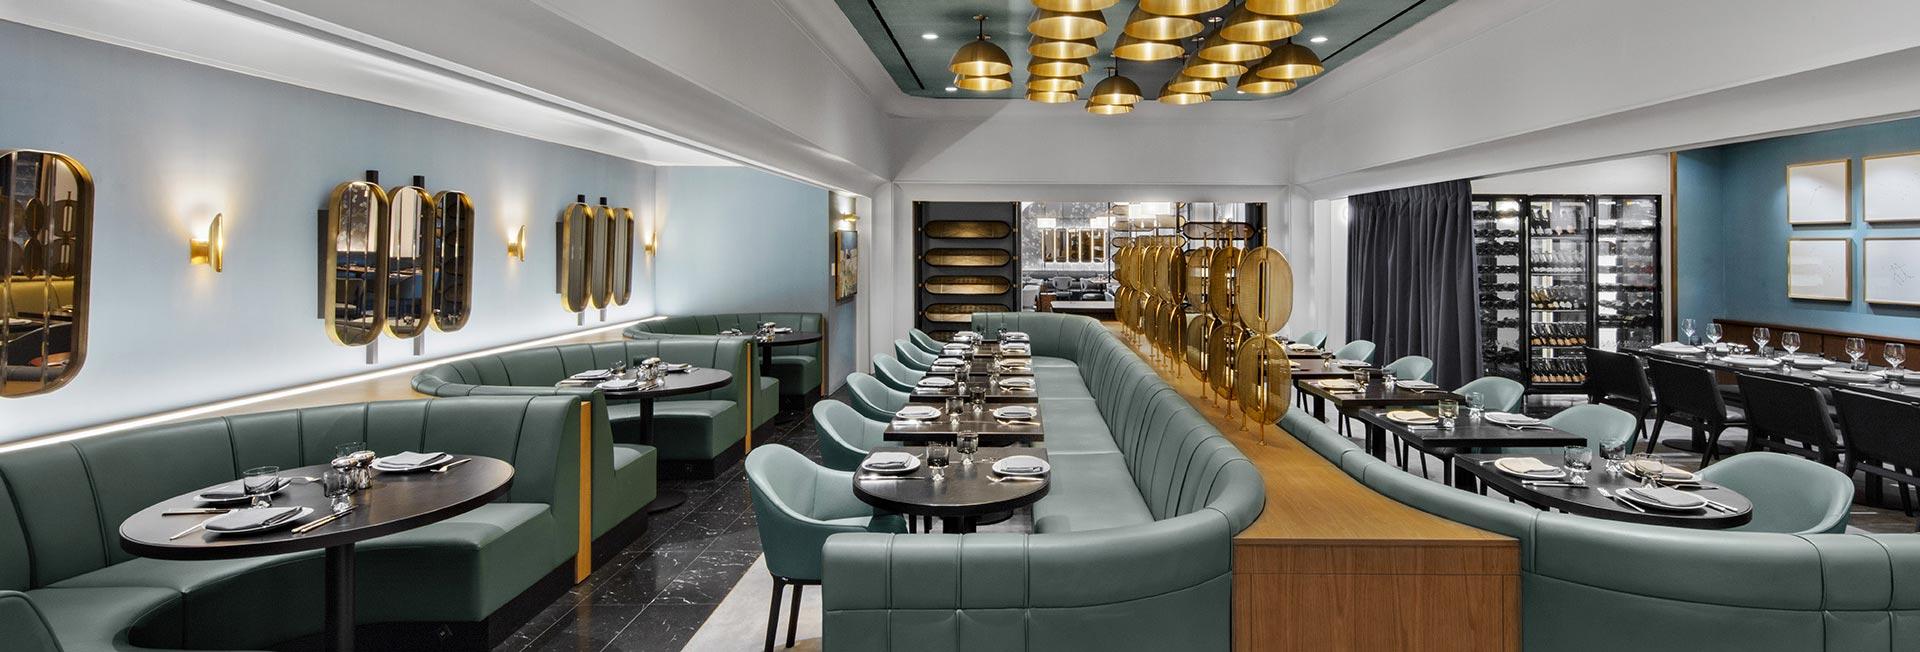 neiman-marcus-zodiac-restaurant